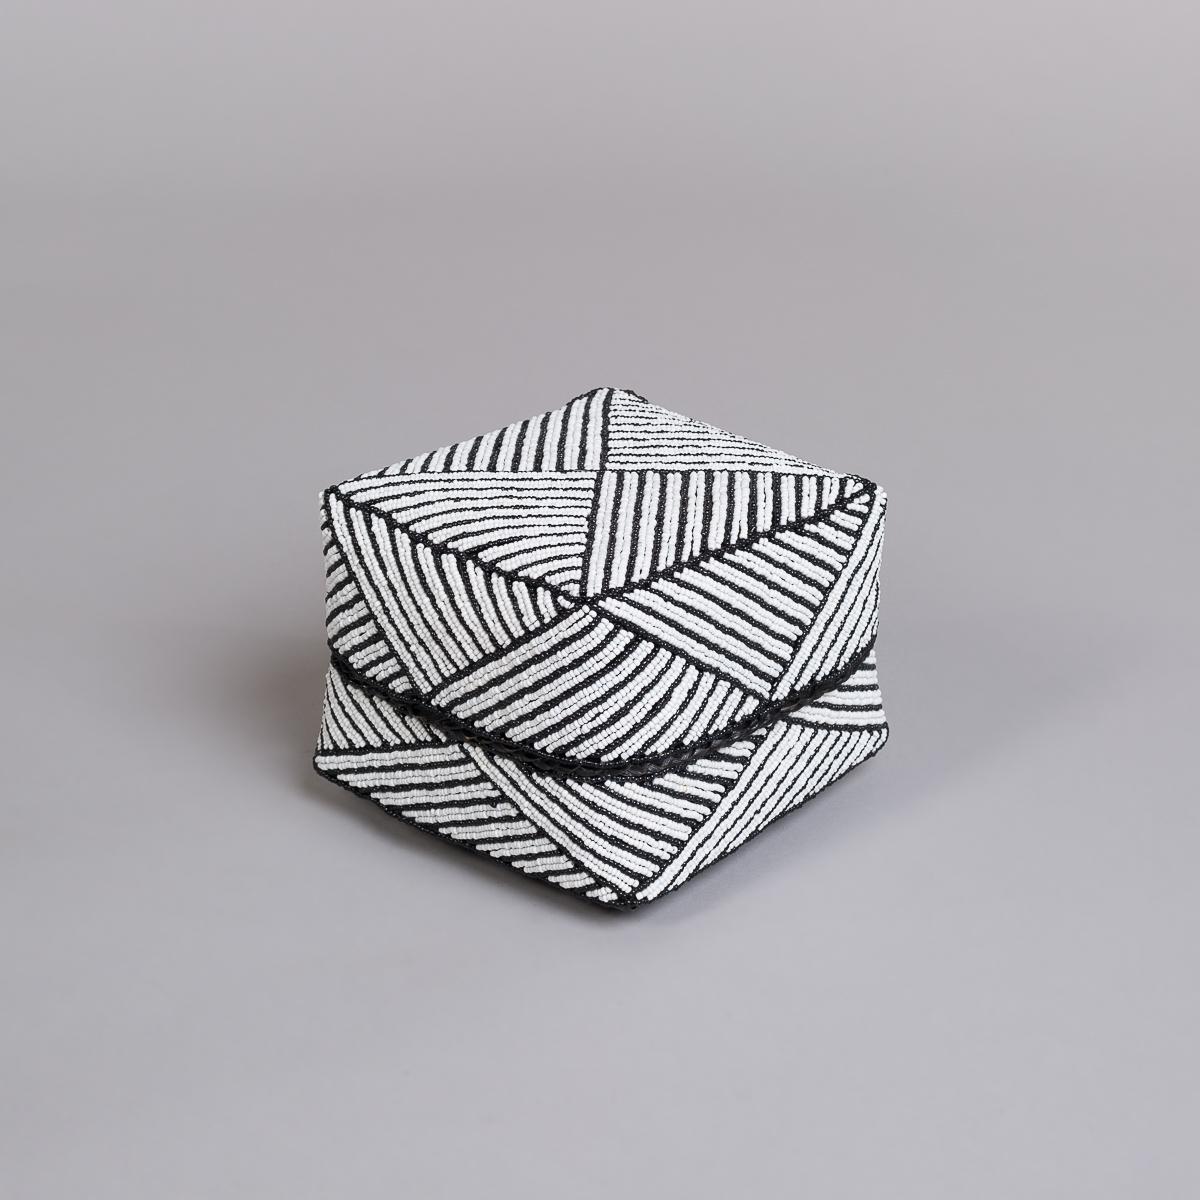 Boks Sett 3 stk med perle dekorasjon-Hvit og sort-131